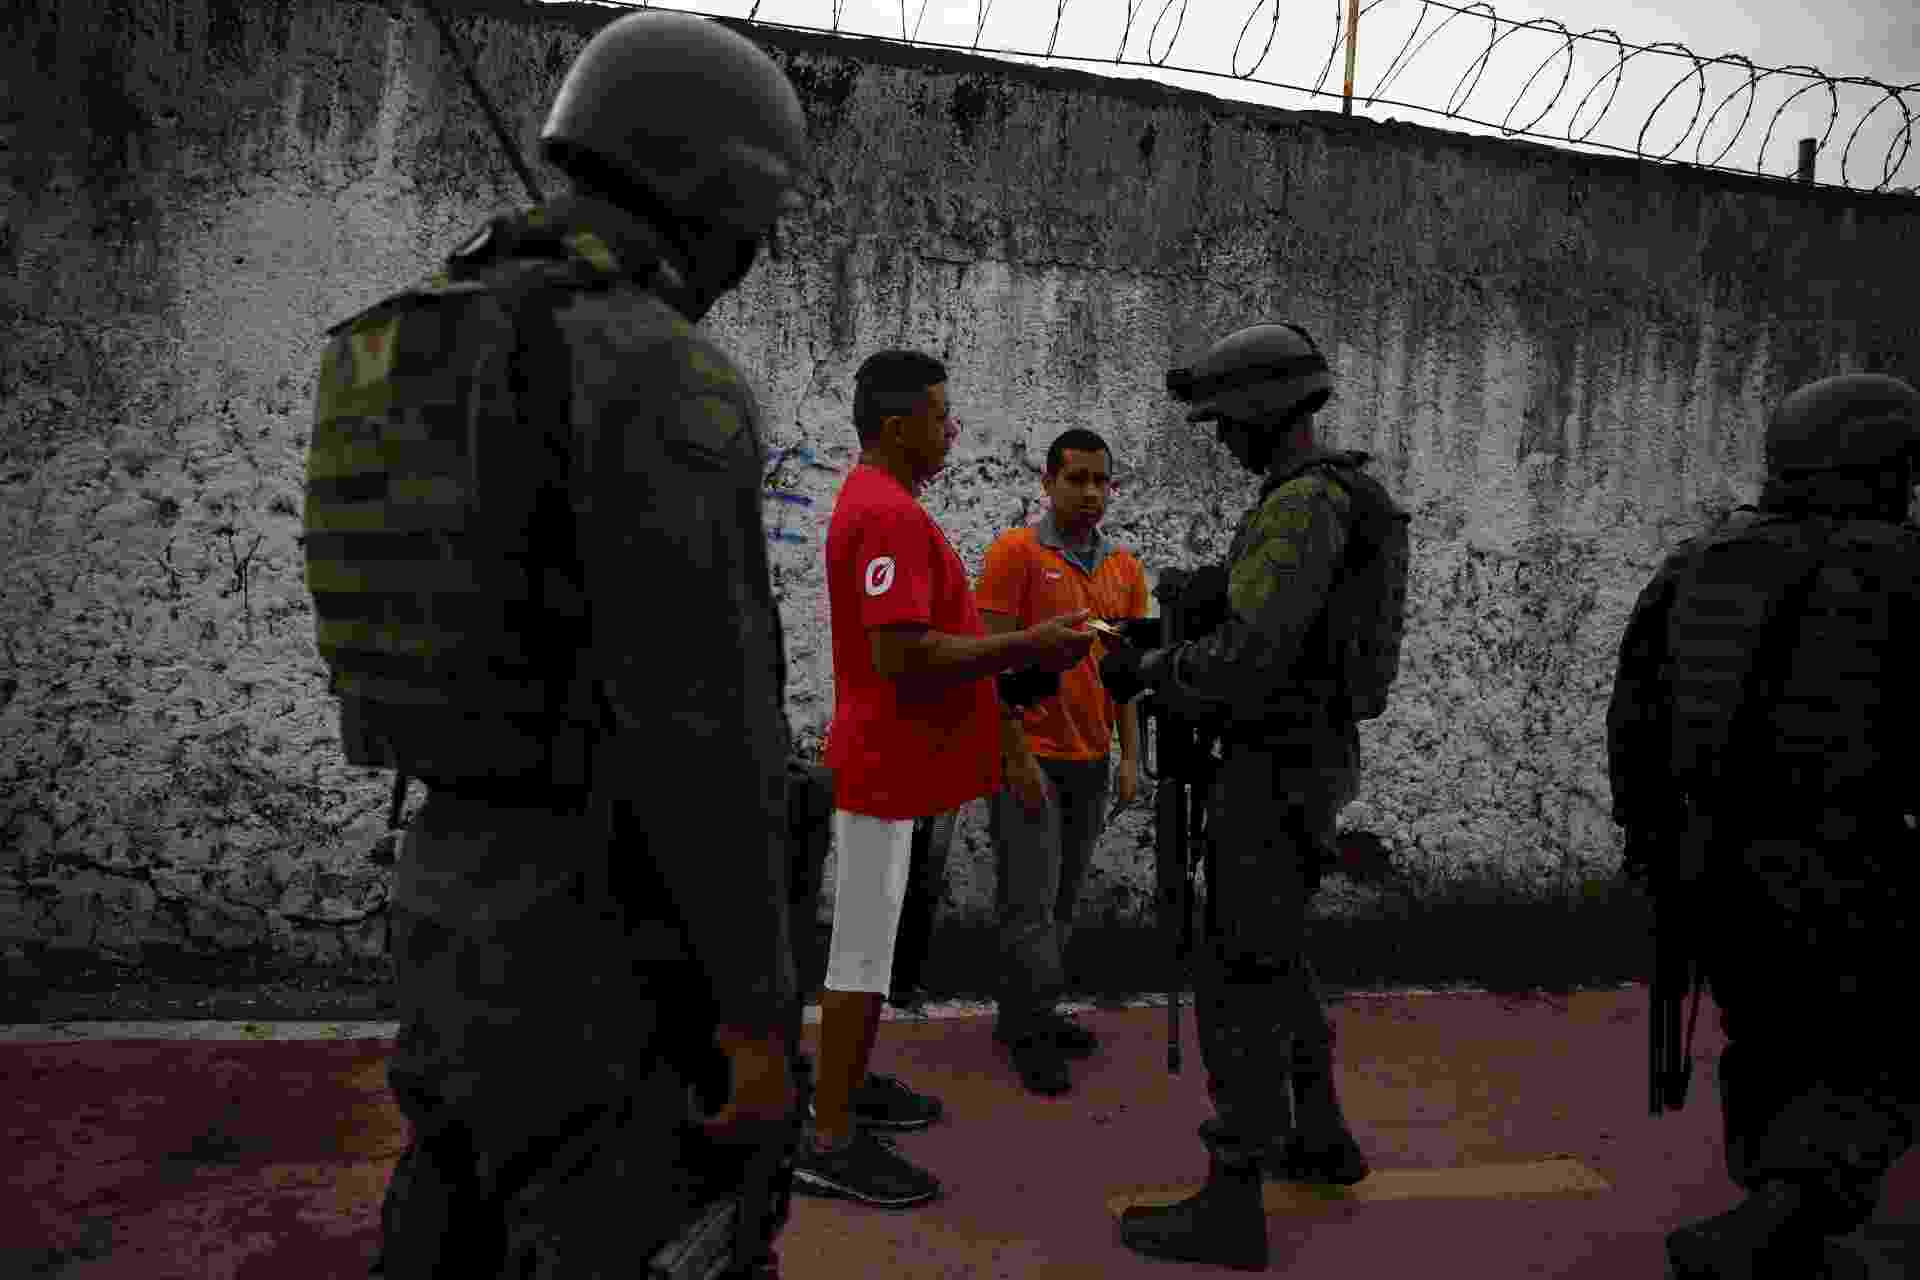 20.fev.2018 - Moradores da favela Kelson's, na zona norte do Rio de Janeiro, passam por ponto de inspeção das Forças Armadas. As entradas da comunidade foram ocupadas pelos militares do Exército. Ao menos quatro suspeitos foram presos até o final da manhã - Pilar Olivares/Reuters